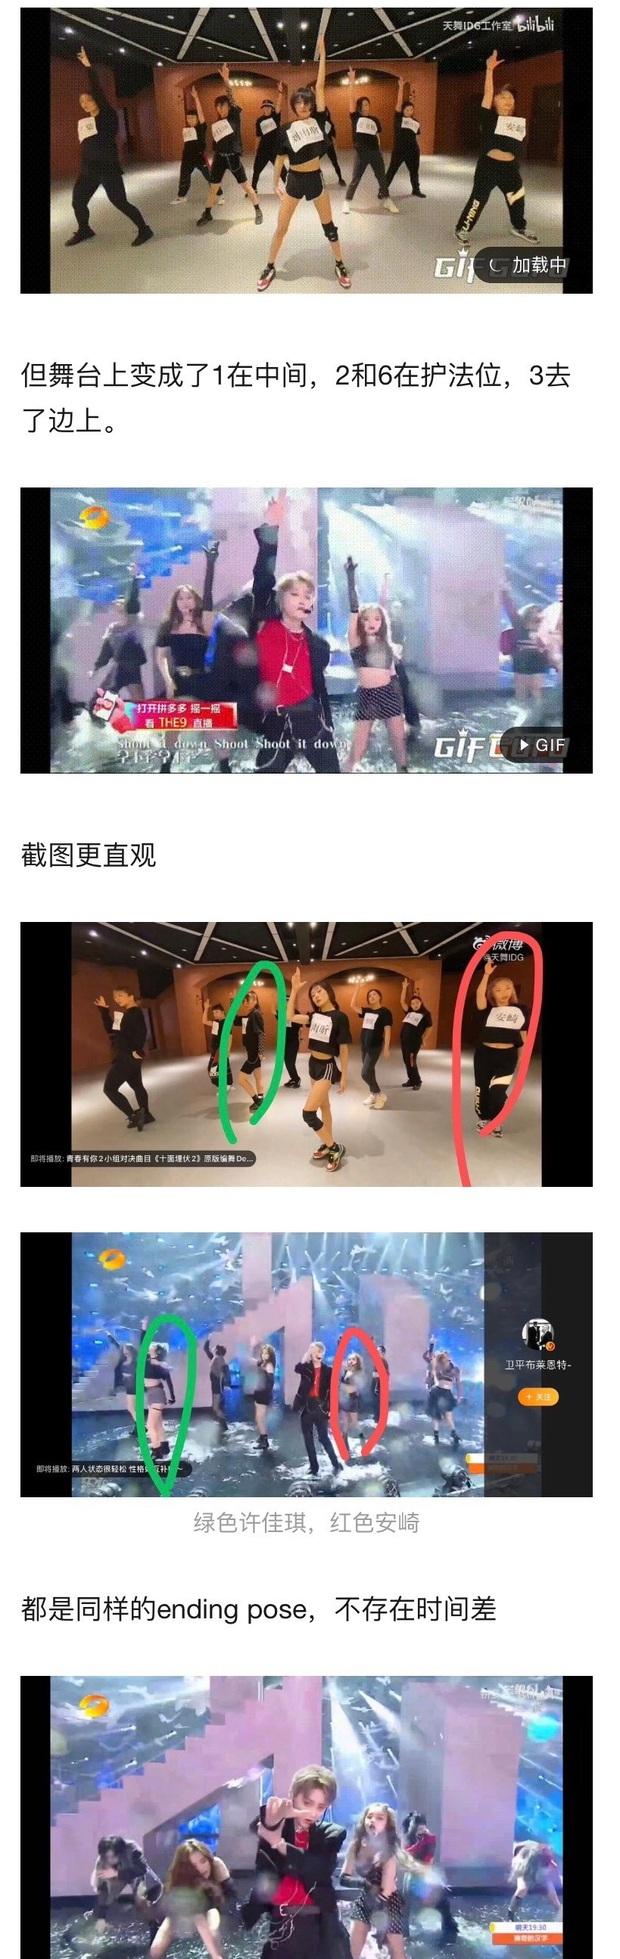 Tranh cãi nảy lửa trên Weibo: Một thành viên THE9 được biệt đãi lộ liễu, debut nhưng danh không xứng với thực? - Ảnh 4.